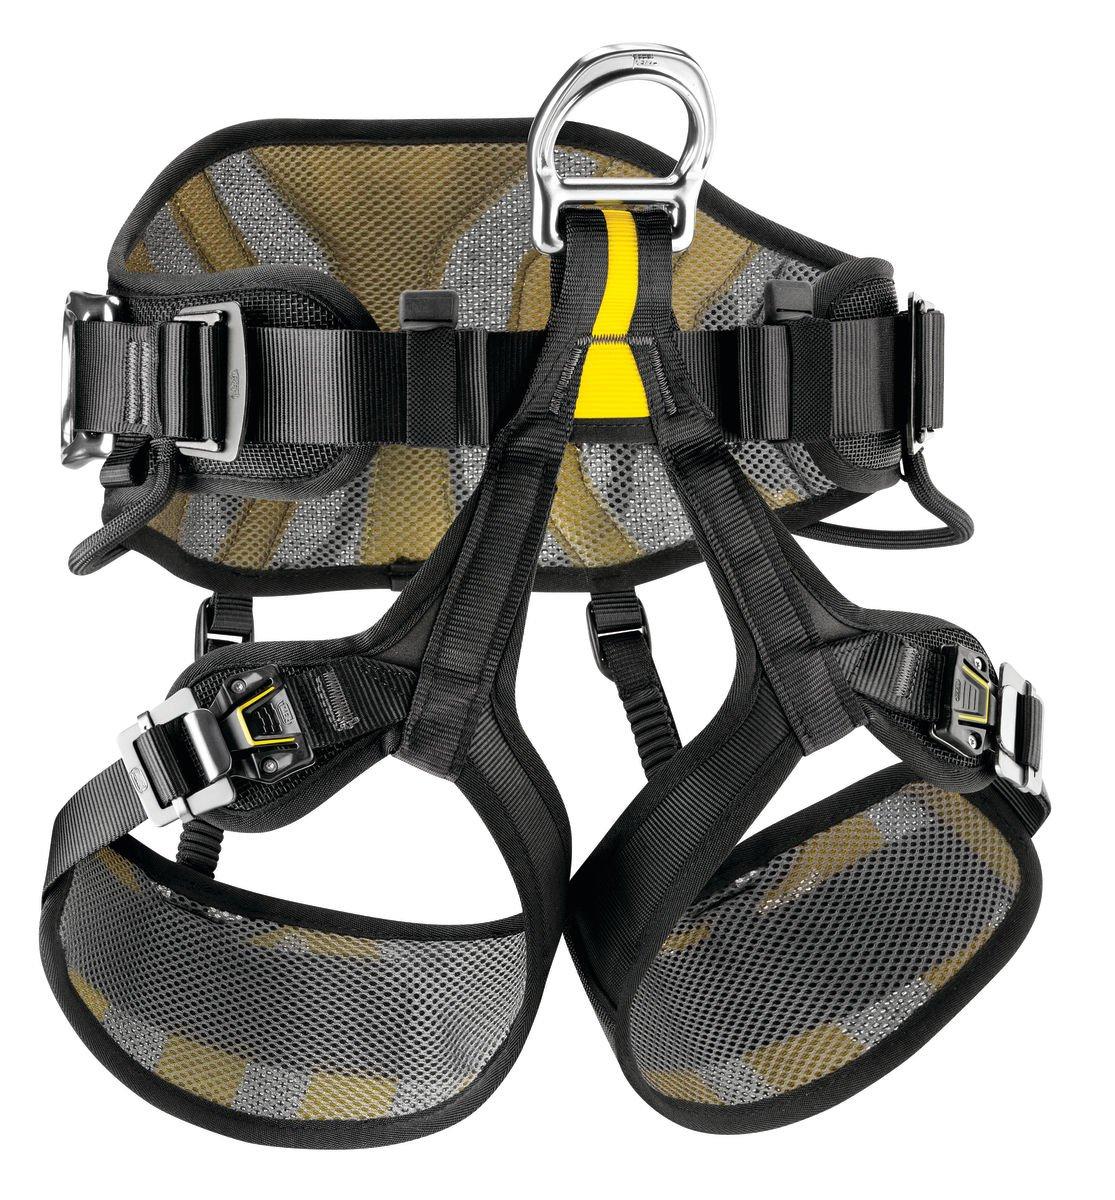 Petzl Avao Sit Fast 2, Black/Yellow, 2 PEU0I|#Petzl C079BA02